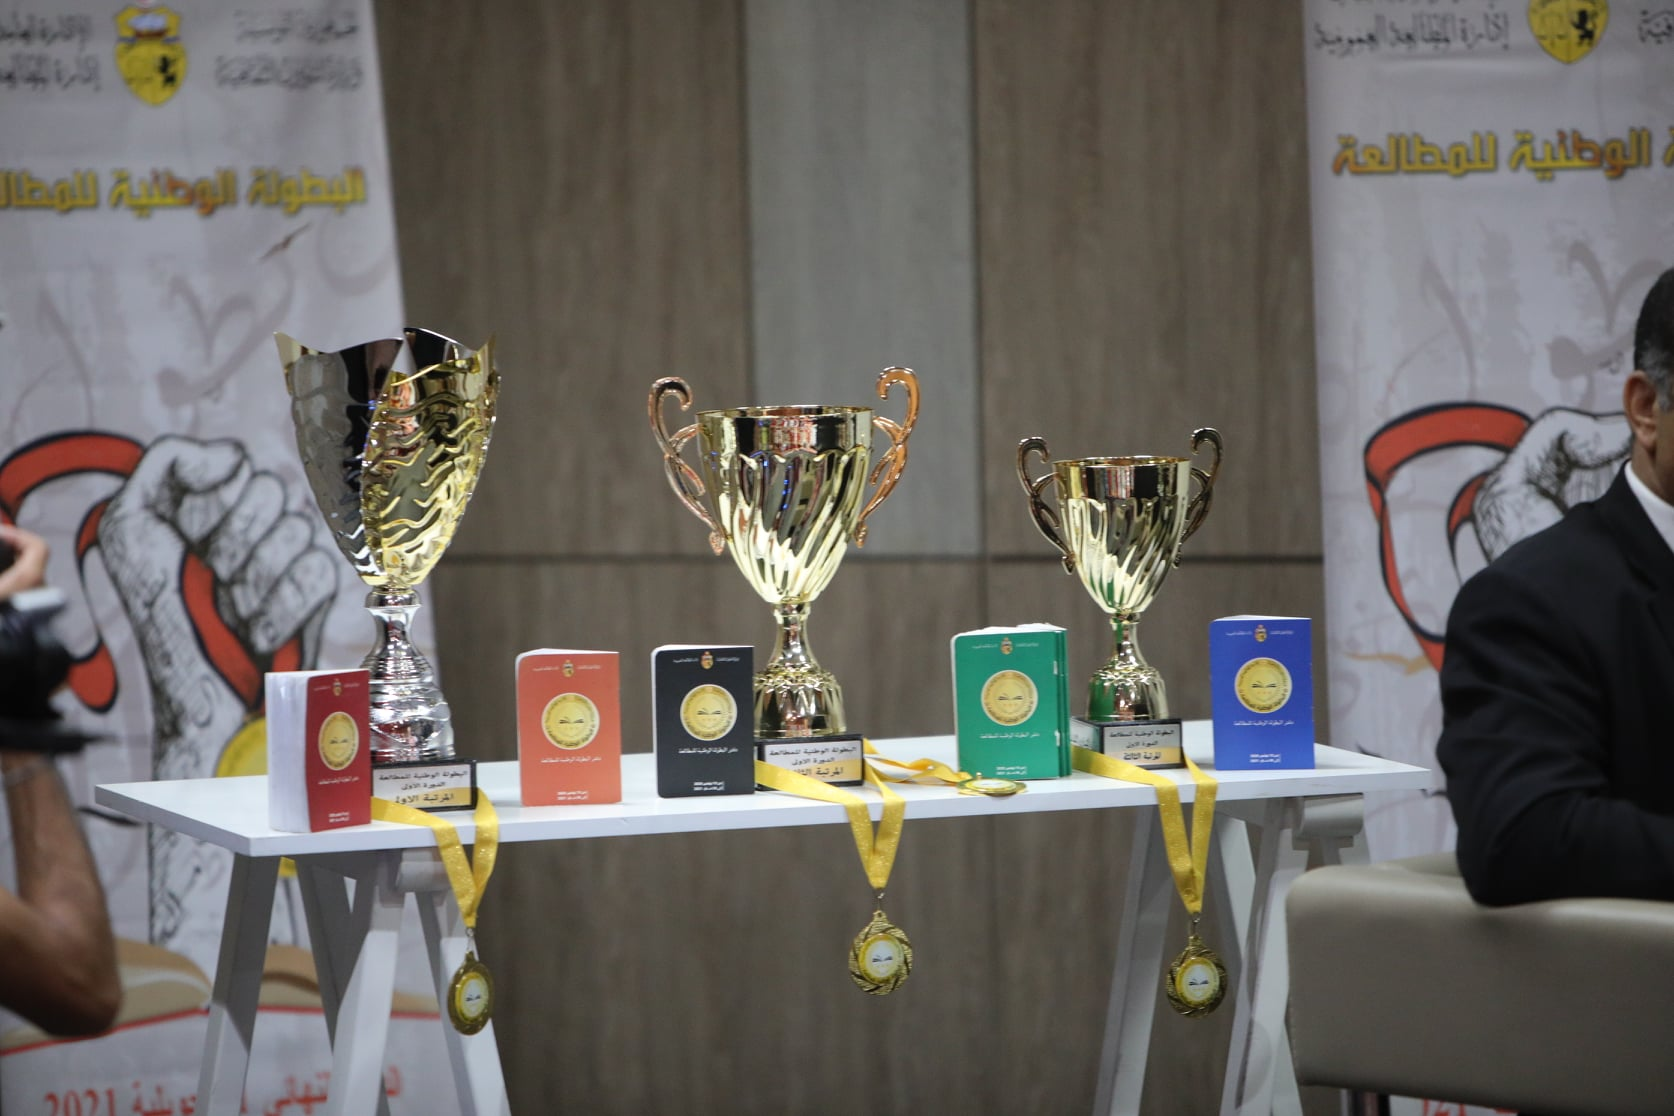 الاعلان عن برنامج الدّور النهائي للبطولة الوطنية المطالعة بمشاركة 1440 متوّجا للتصفيات النهائية